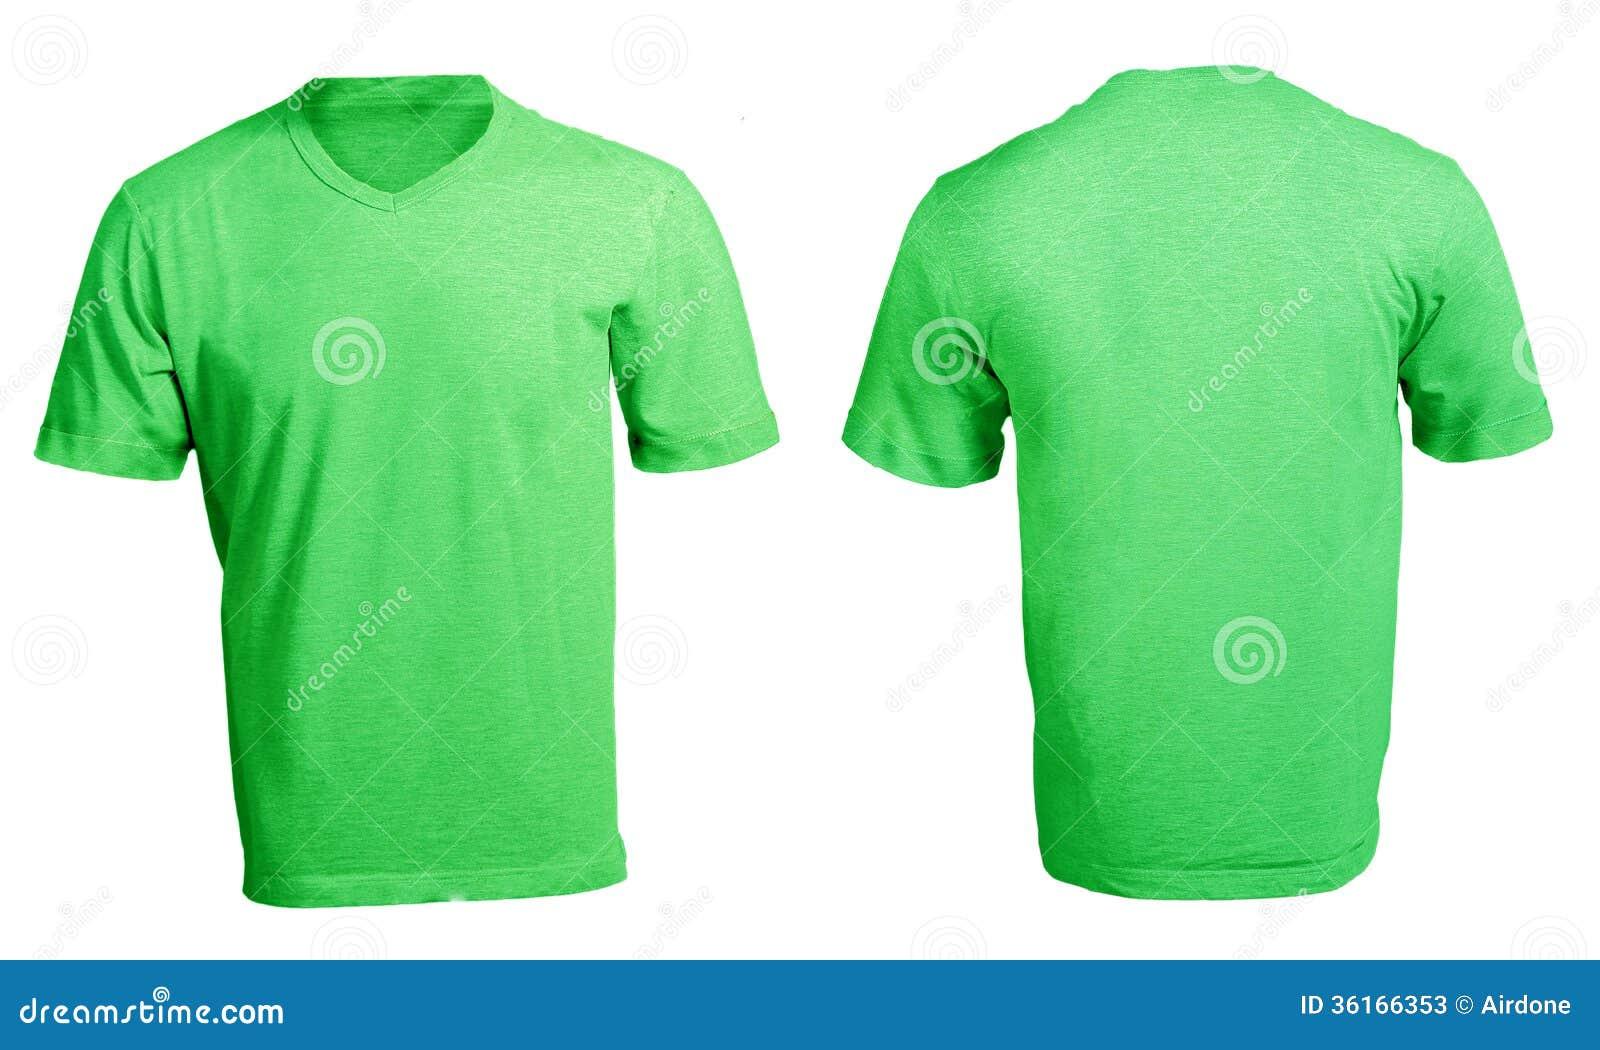 Shirt design green - Men S Blank Green V Neck Shirt Template